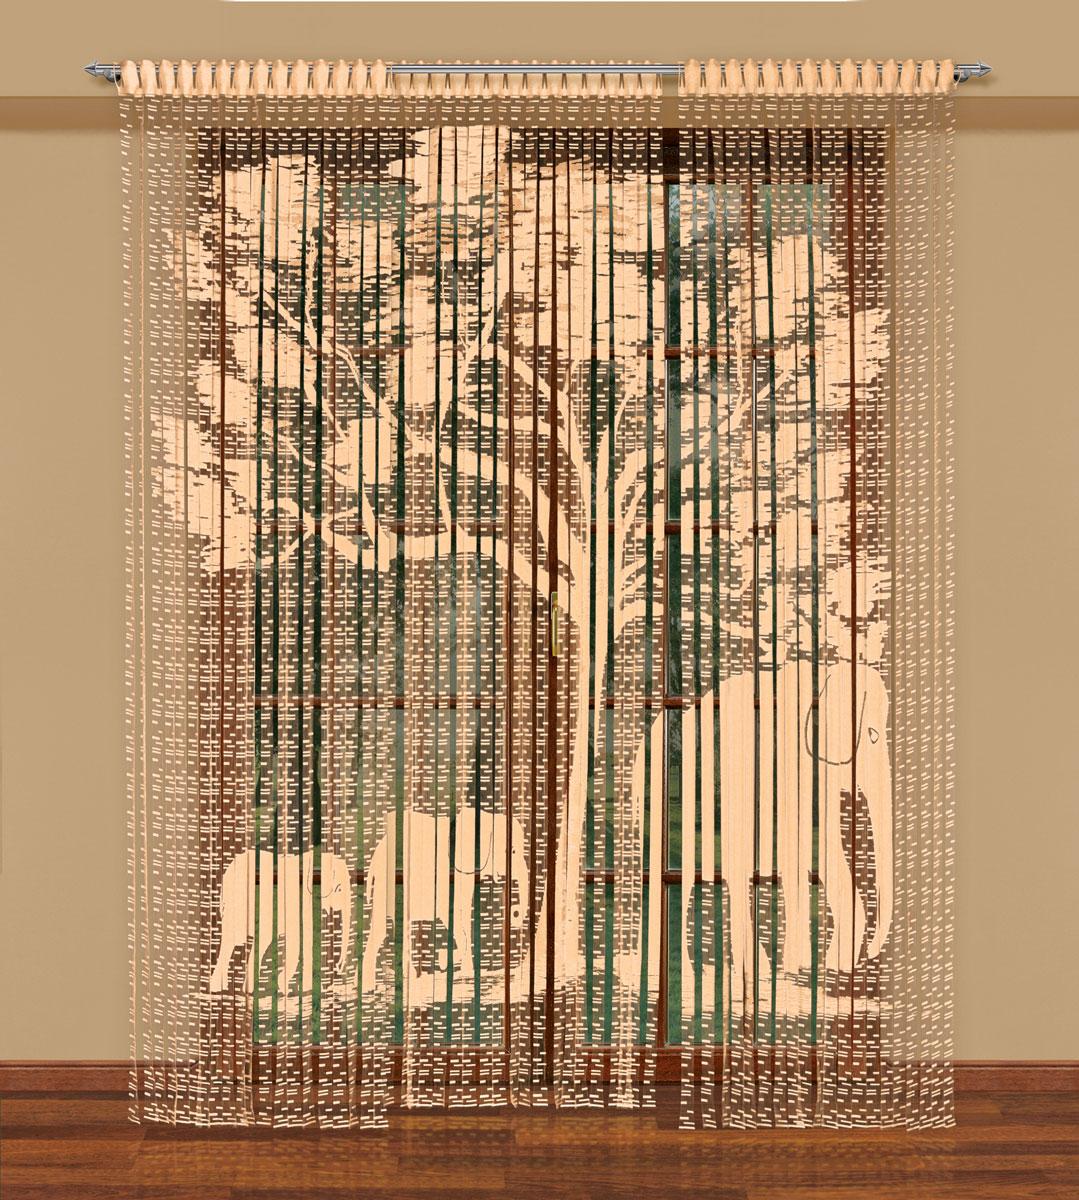 Гардина-лапша Haft, на петлях, цвет: кремовый, высота 270 см. 212180212180/250 кремЛегкая гардина-лапша на петлях Haft, изготовленная из полиэстера, станетвеликолепным украшением любого окна. Оригинальный дизайн и приятнаяцветовая гамма привлекут к себе внимание и органично впишутся в интерьеркомнаты.